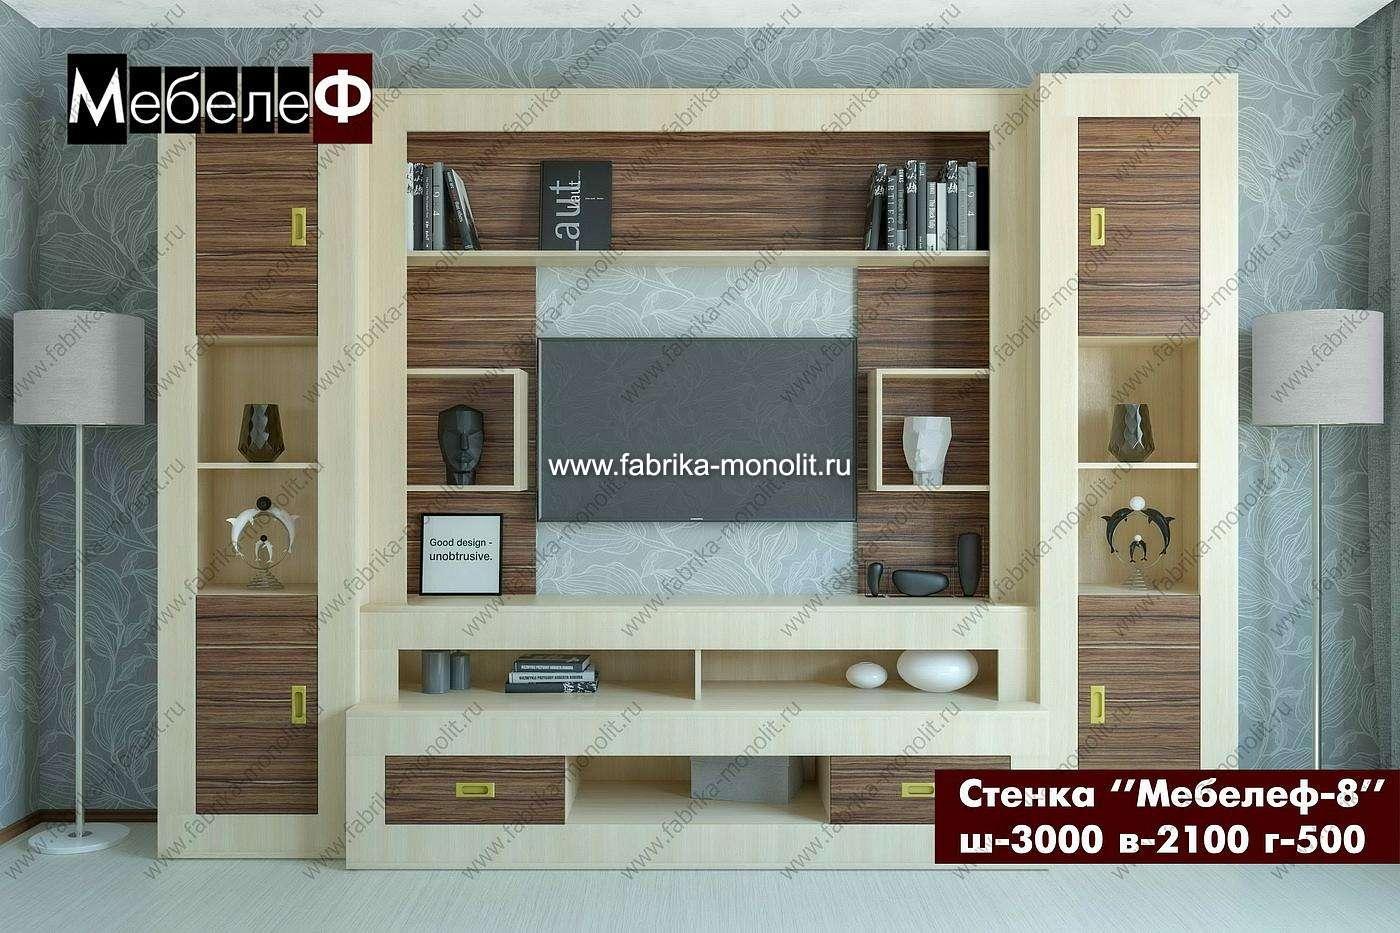 Недорогая мебель в Москве от «Монолит»